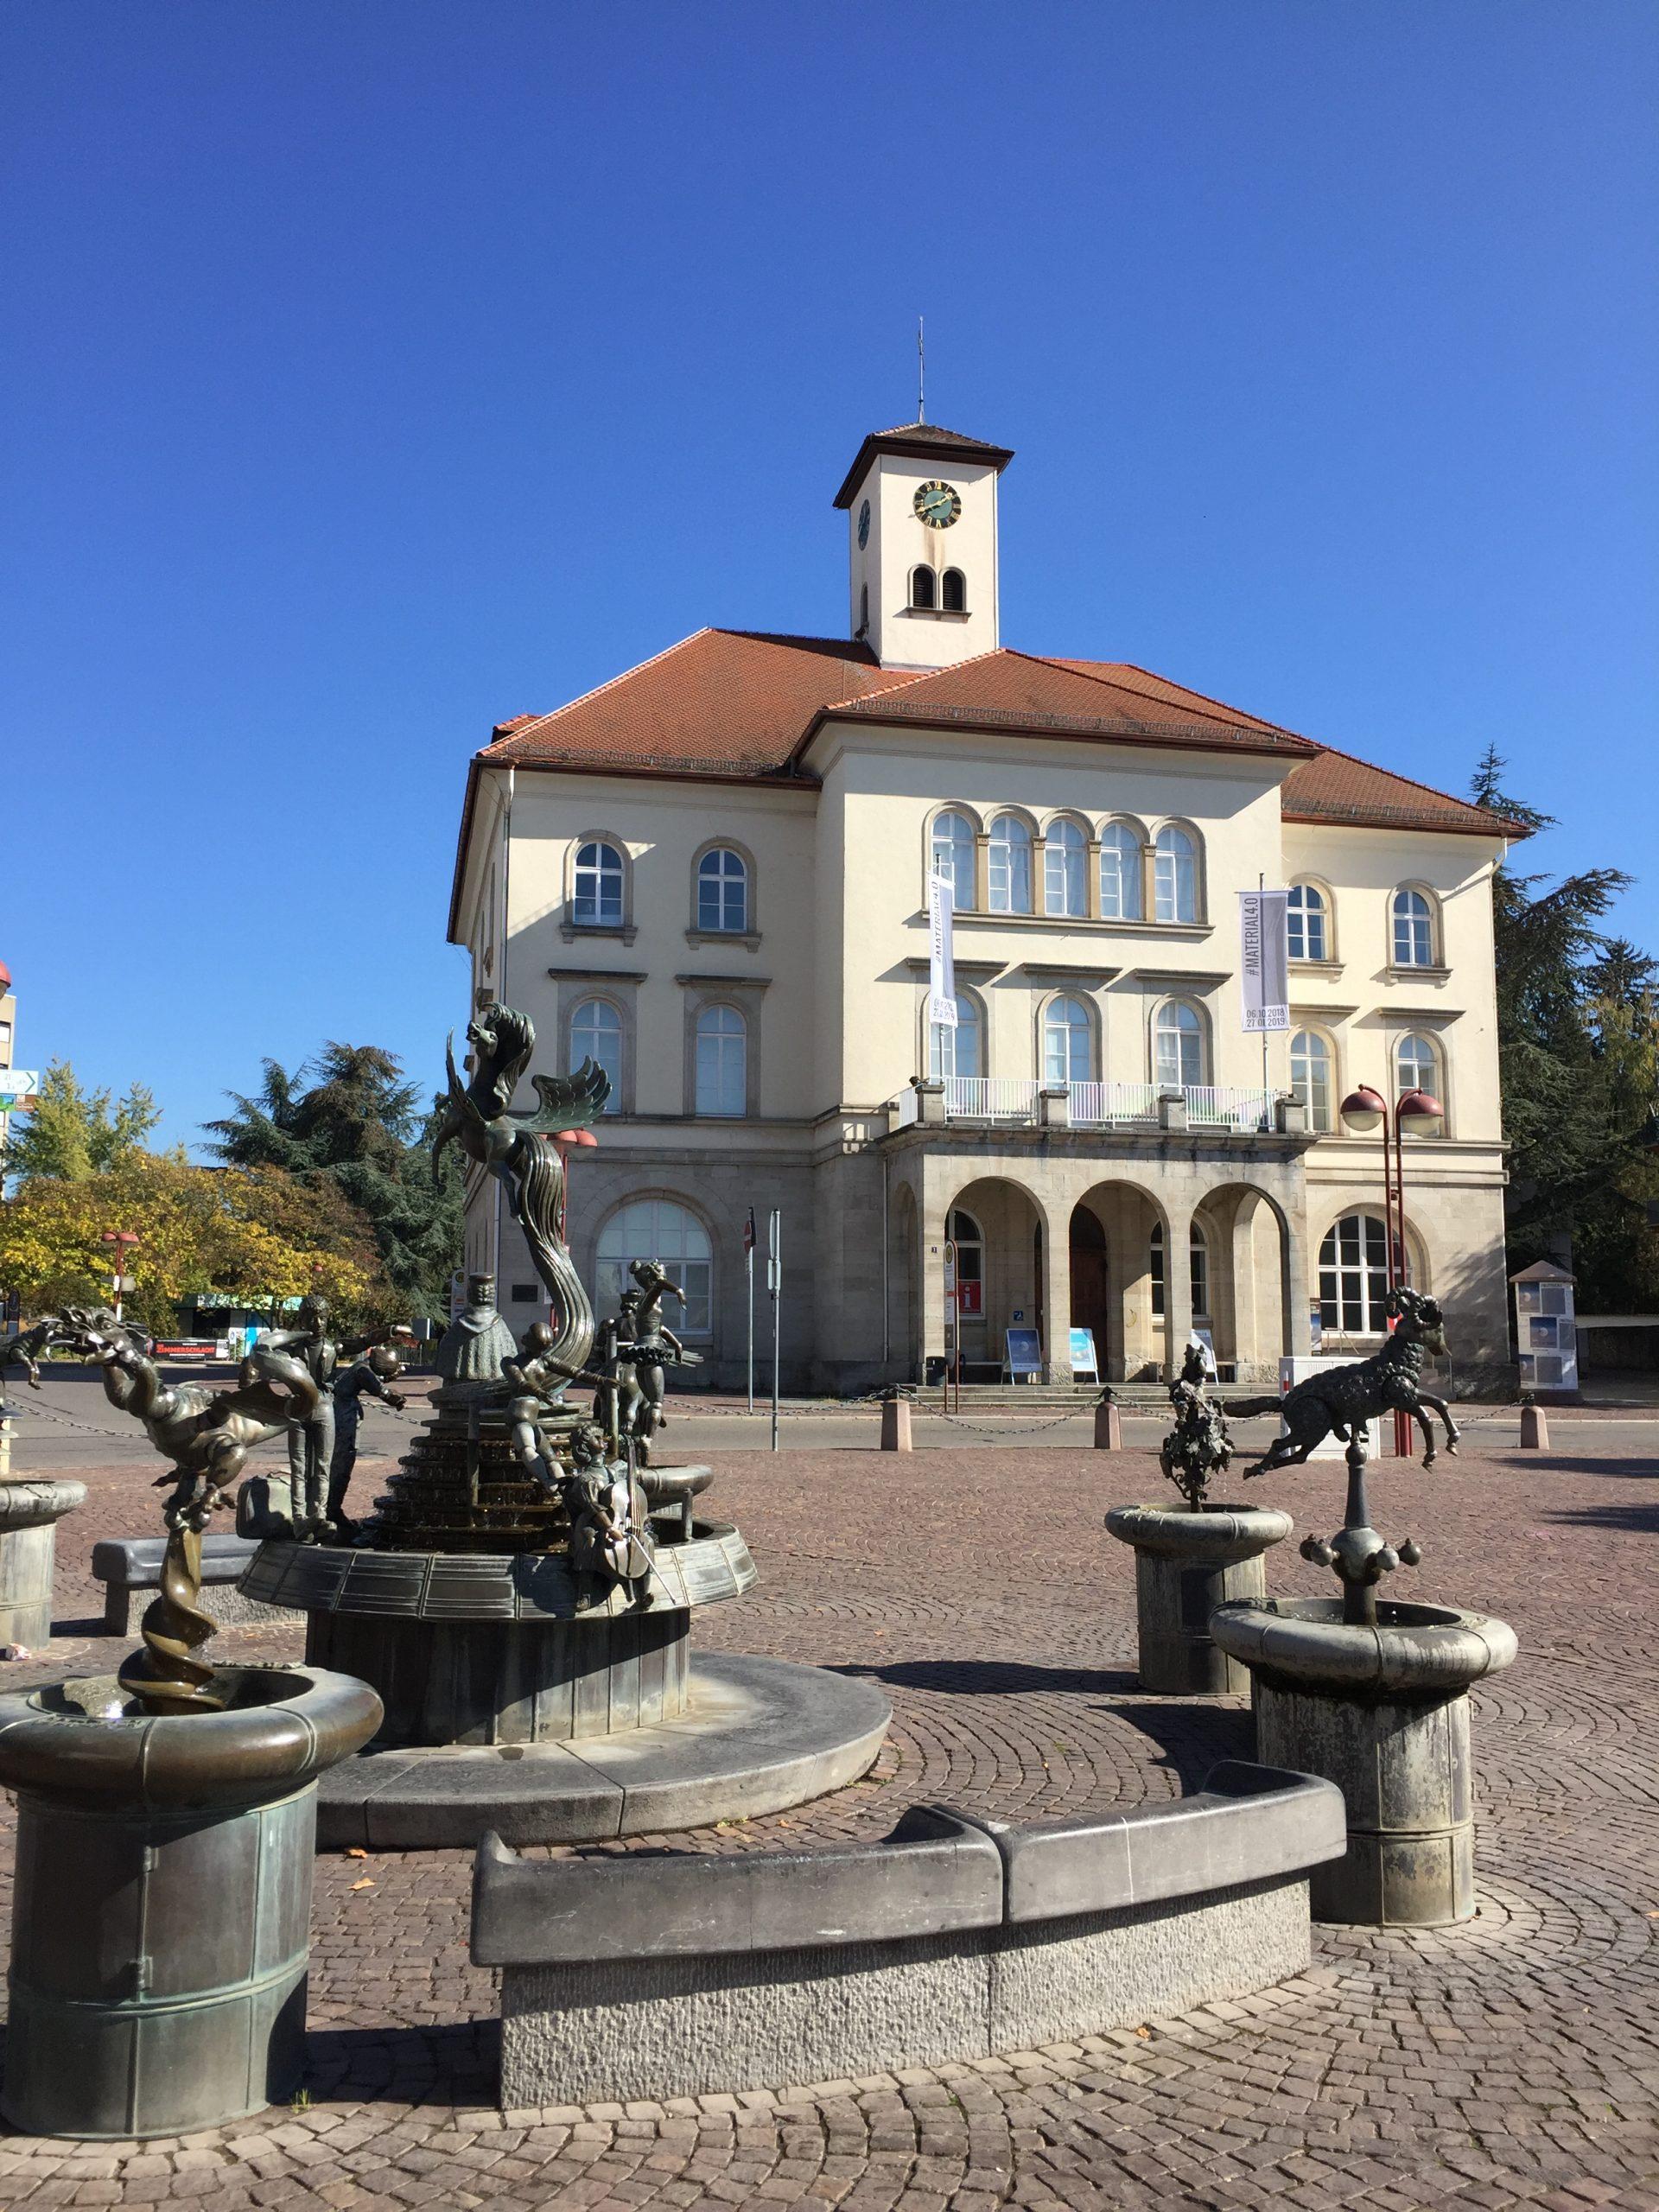 Galerie mit Freundschaftsbrunnen